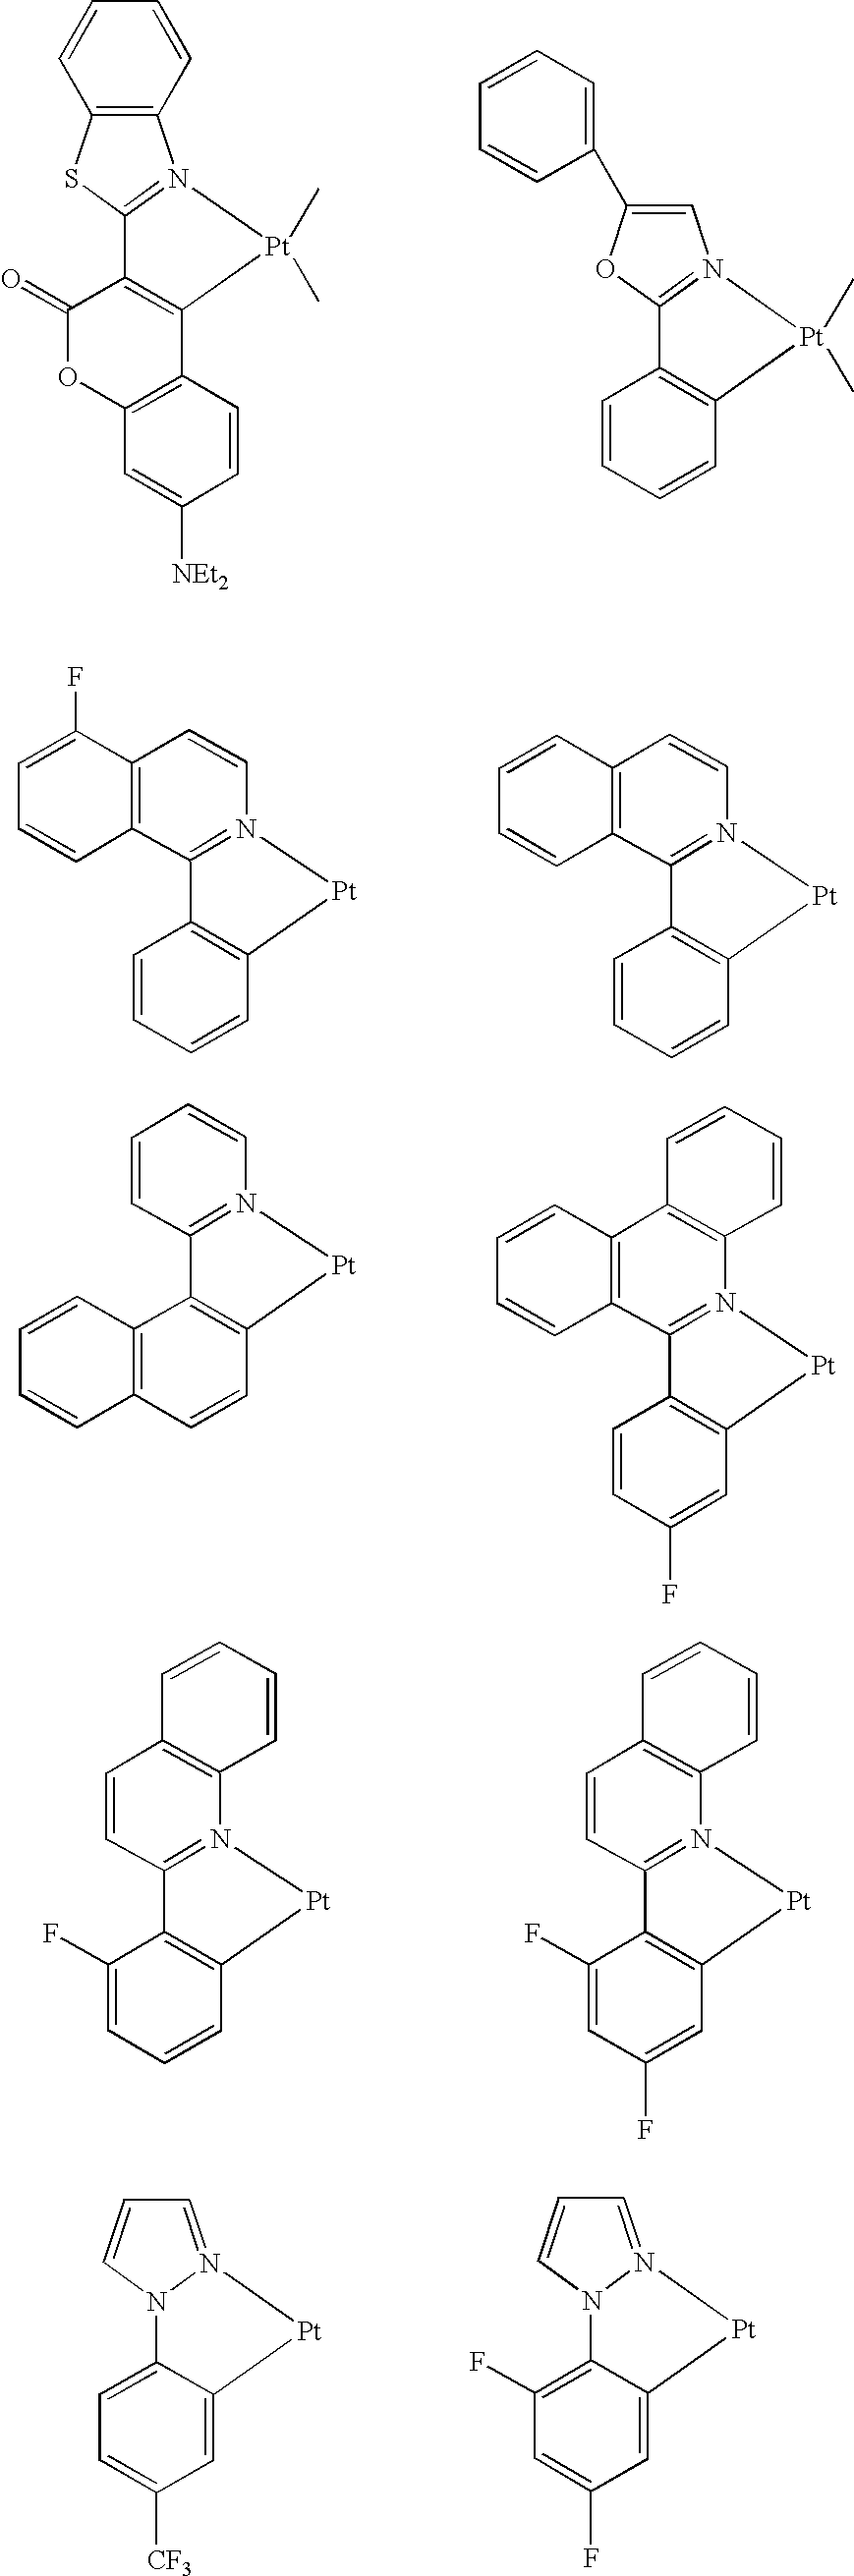 Figure US20040260047A1-20041223-C00012